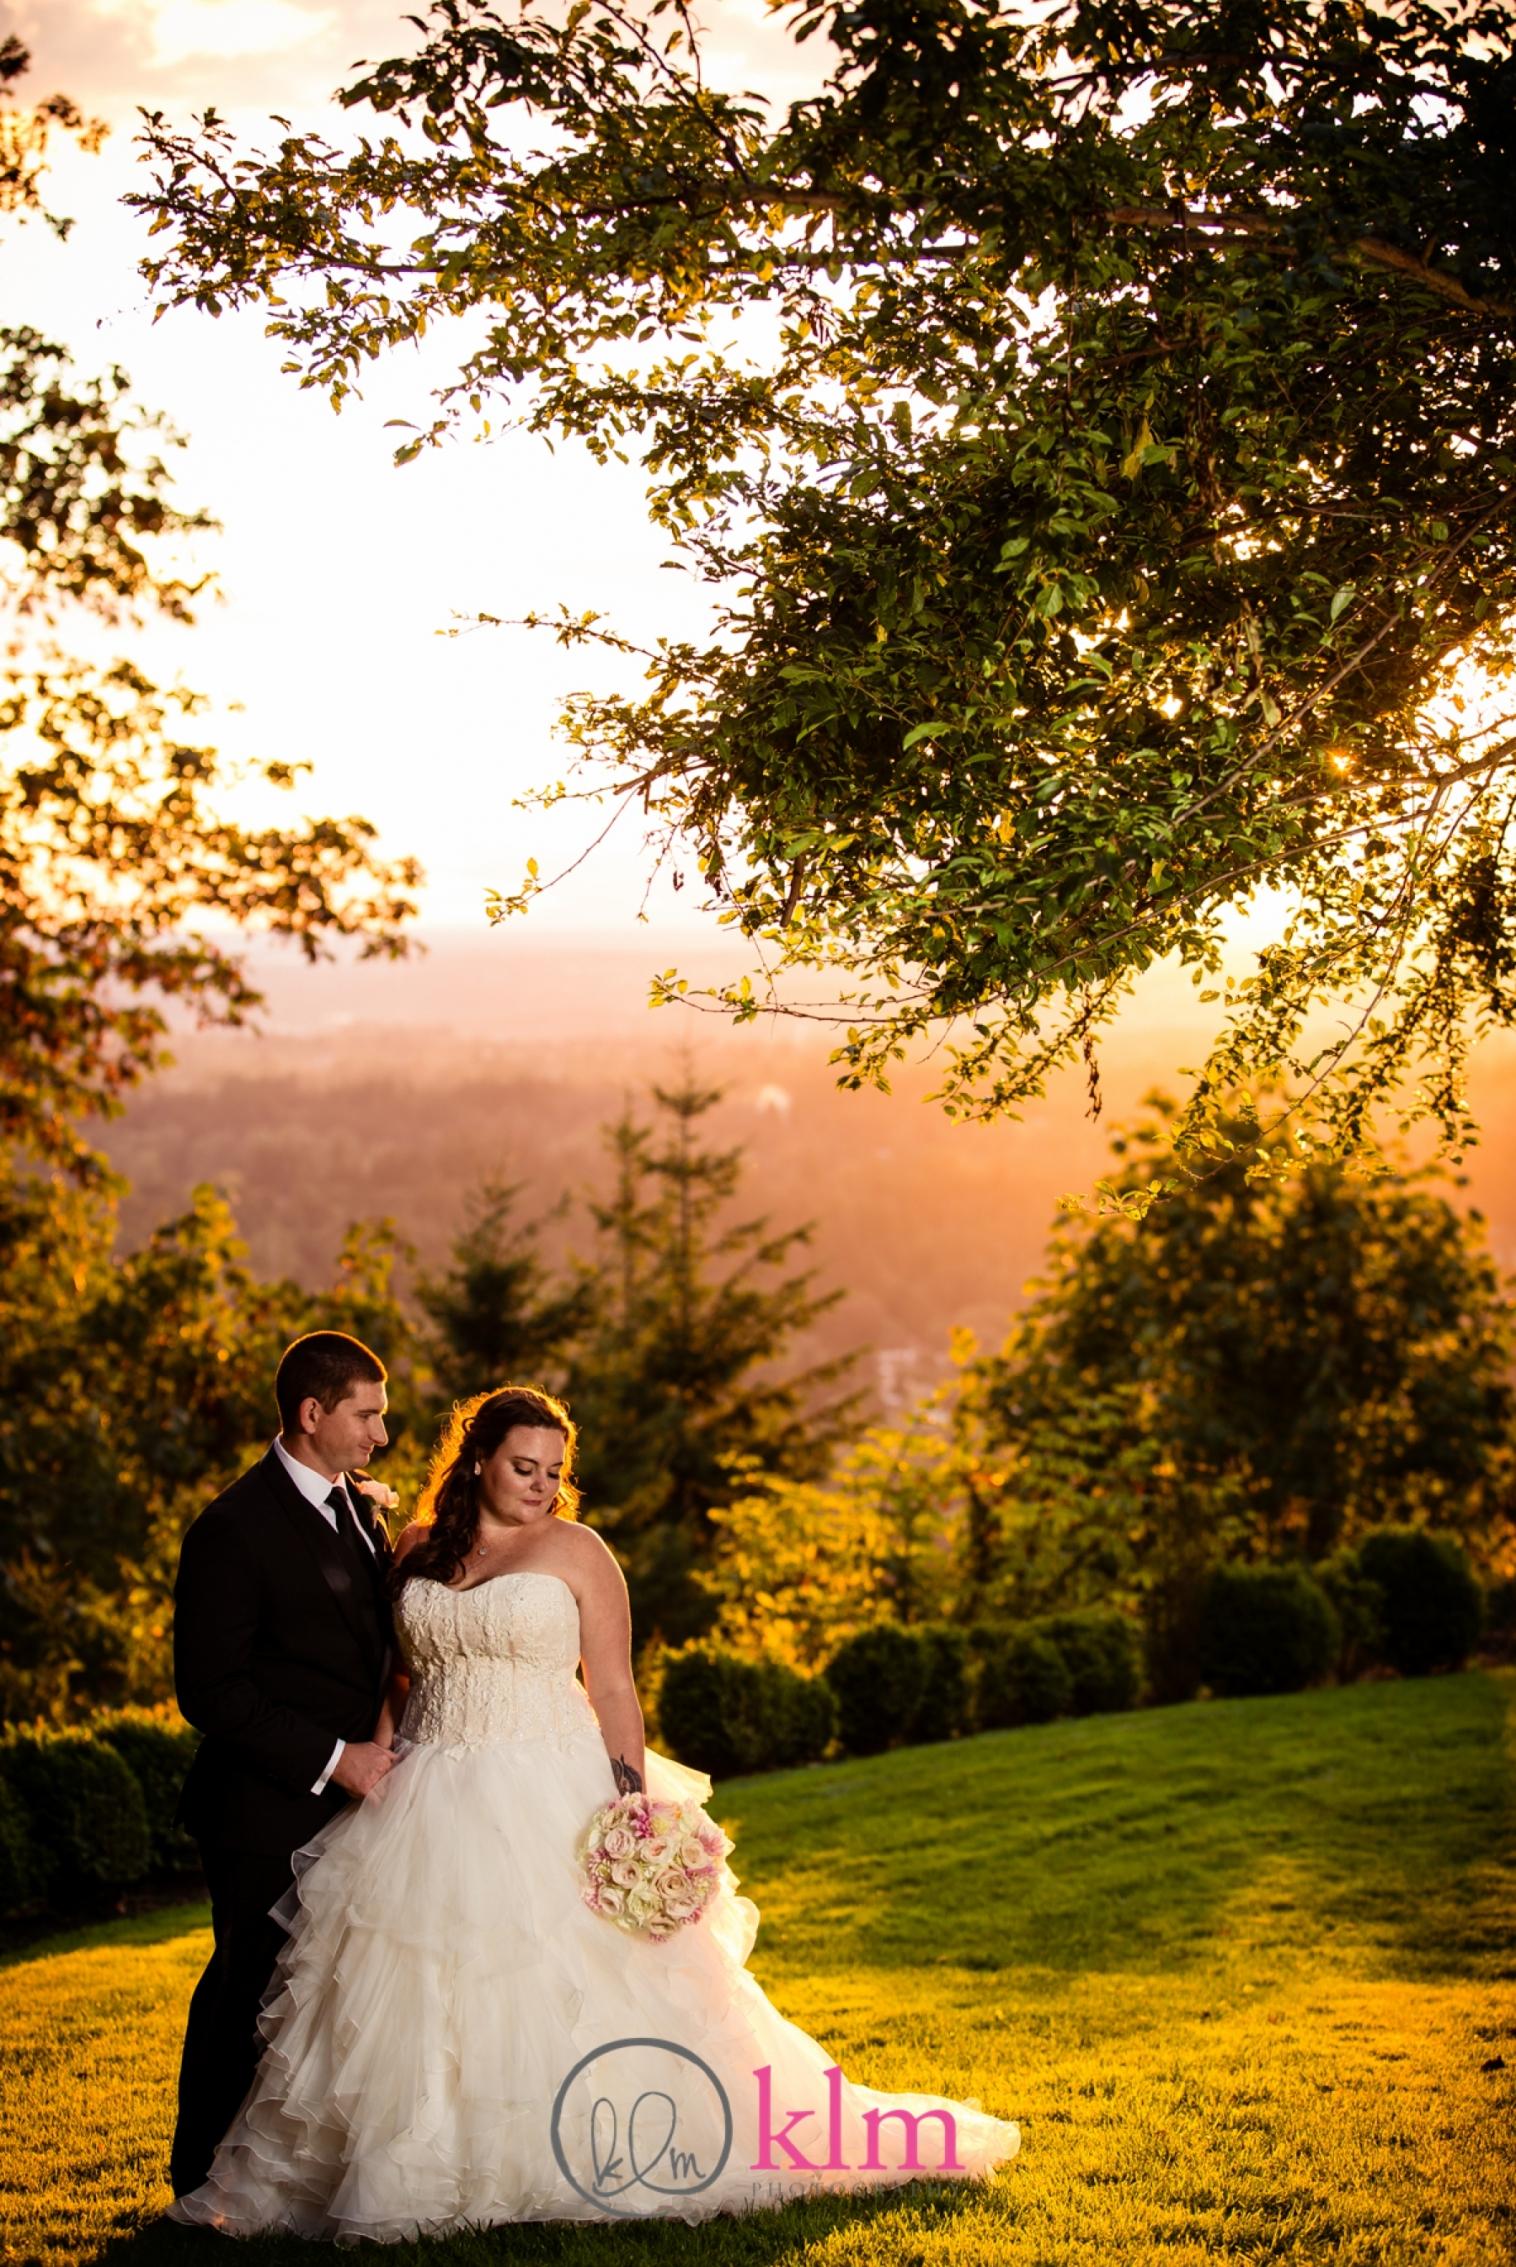 erika & wyatt | issaquah washington wedding » seattle wedding